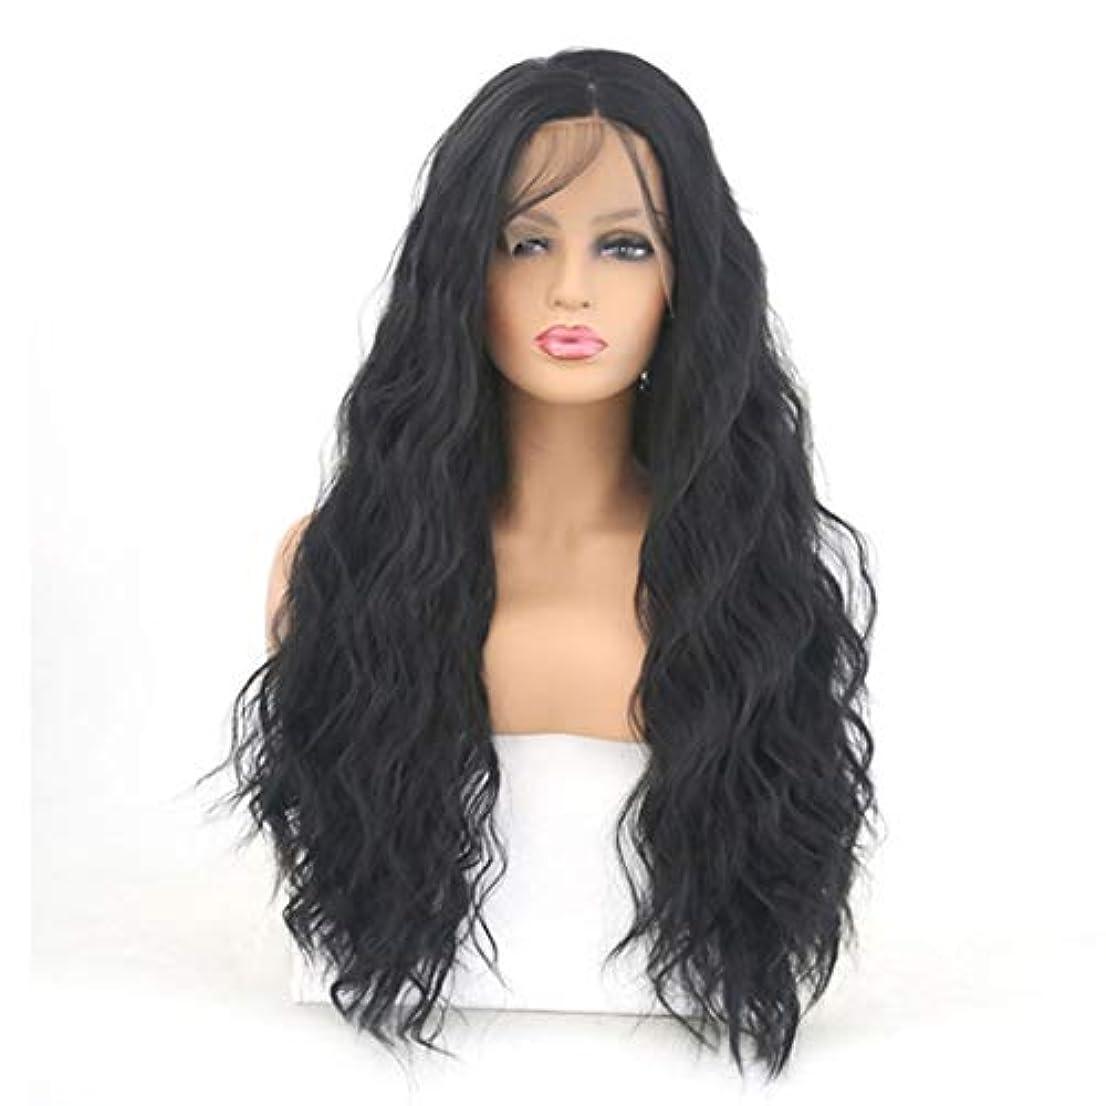 美容師誰でも誠意Kerwinner 女性のための黒く長い巻き毛の前部レースの大きい波の化学繊維の毛